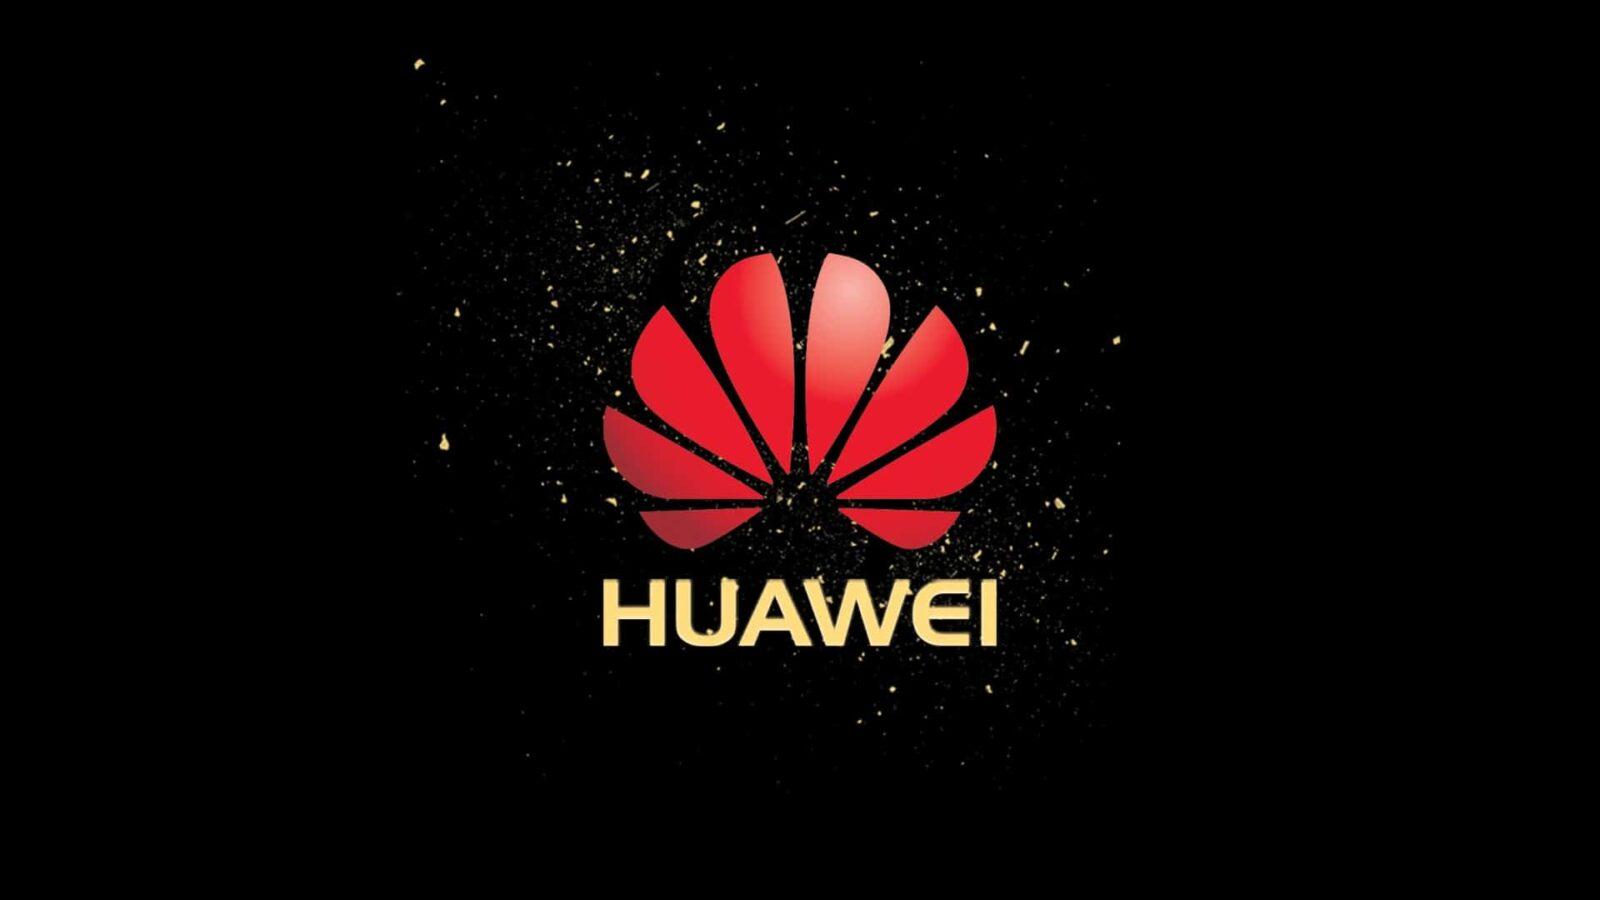 Il Regno Unito vieta l'installazione di apparecchiature Huawei 5G da settembre 2021